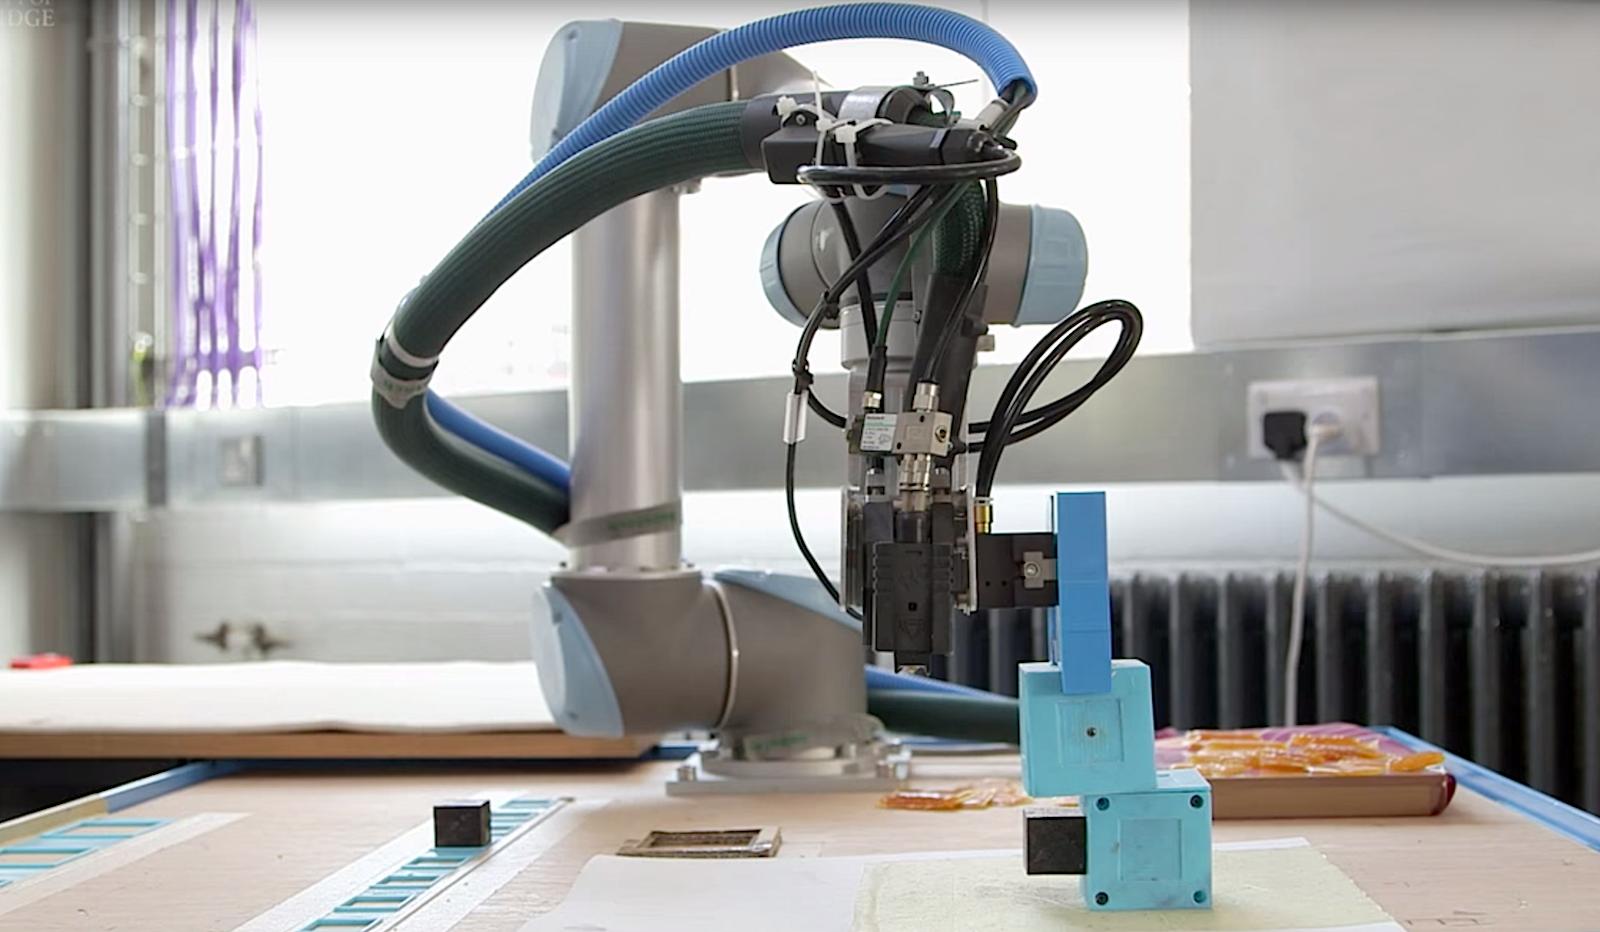 Roboterarm bei der Arbeit: Er klebt aus zwei viereckigen Kästen einen rudimentären Laufroboter zusammen.